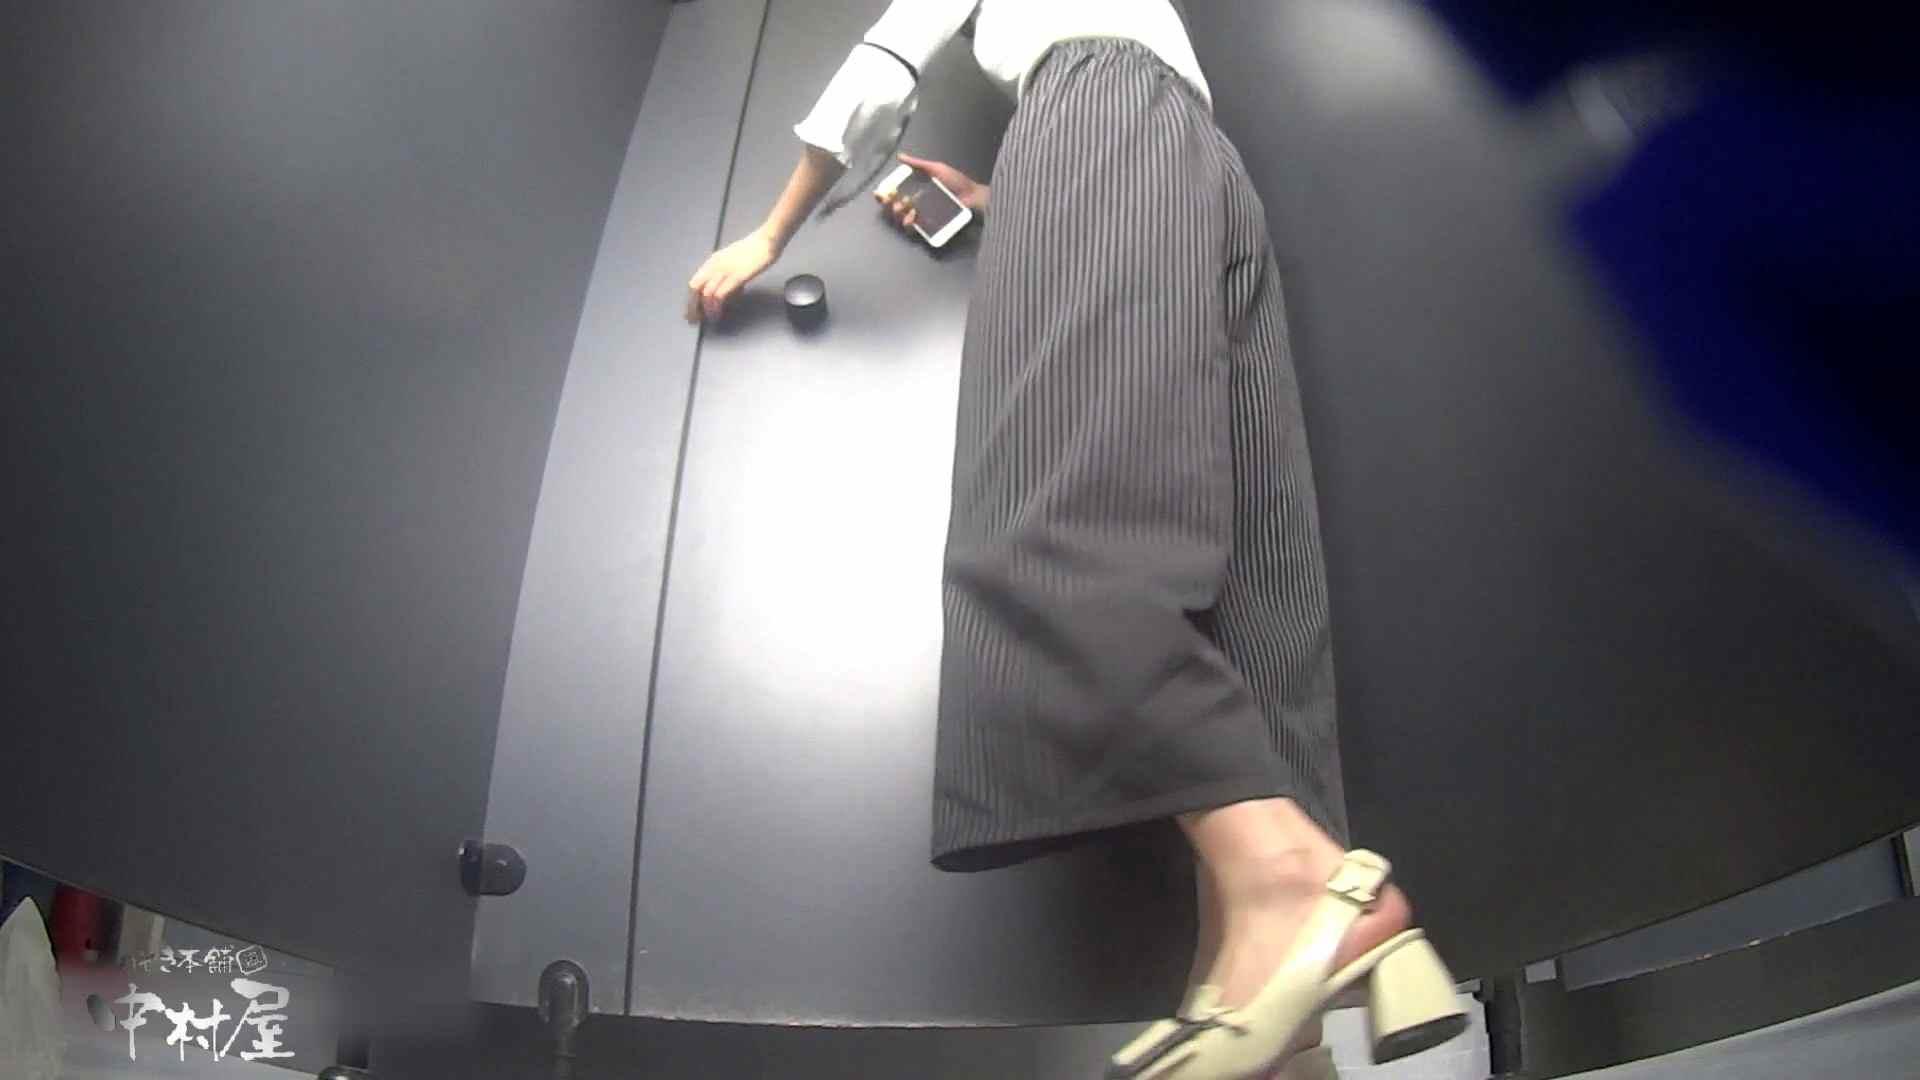 ツンデレお女市さんのトイレ事情 大学休憩時間の洗面所事情32 トイレ 盗撮画像 110PIX 49